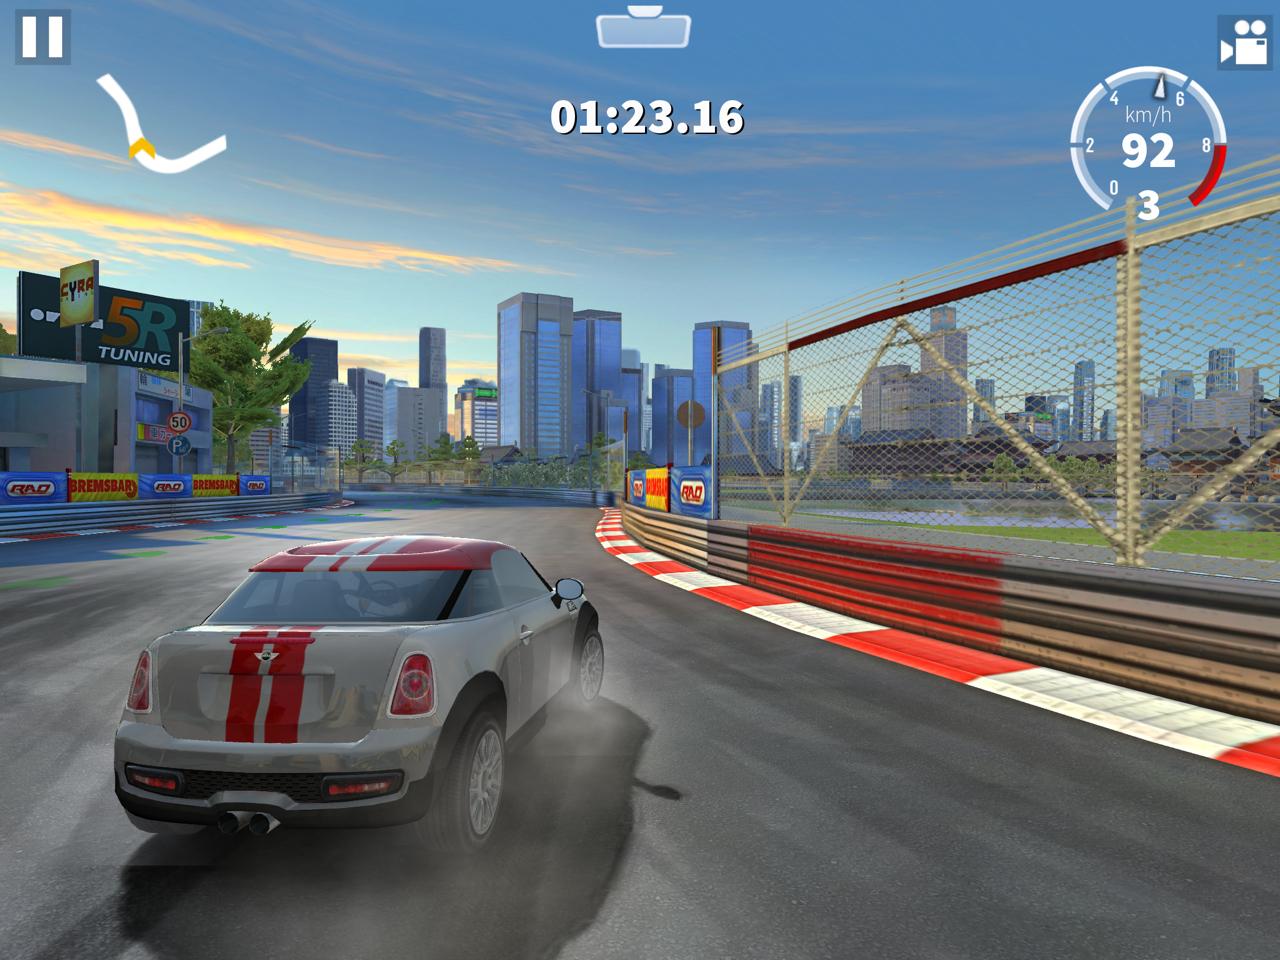 6 Jeux De Course Gratuits Pour Iphone, Ipad, Android Et intérieur Jeux De Voiture Au Volant